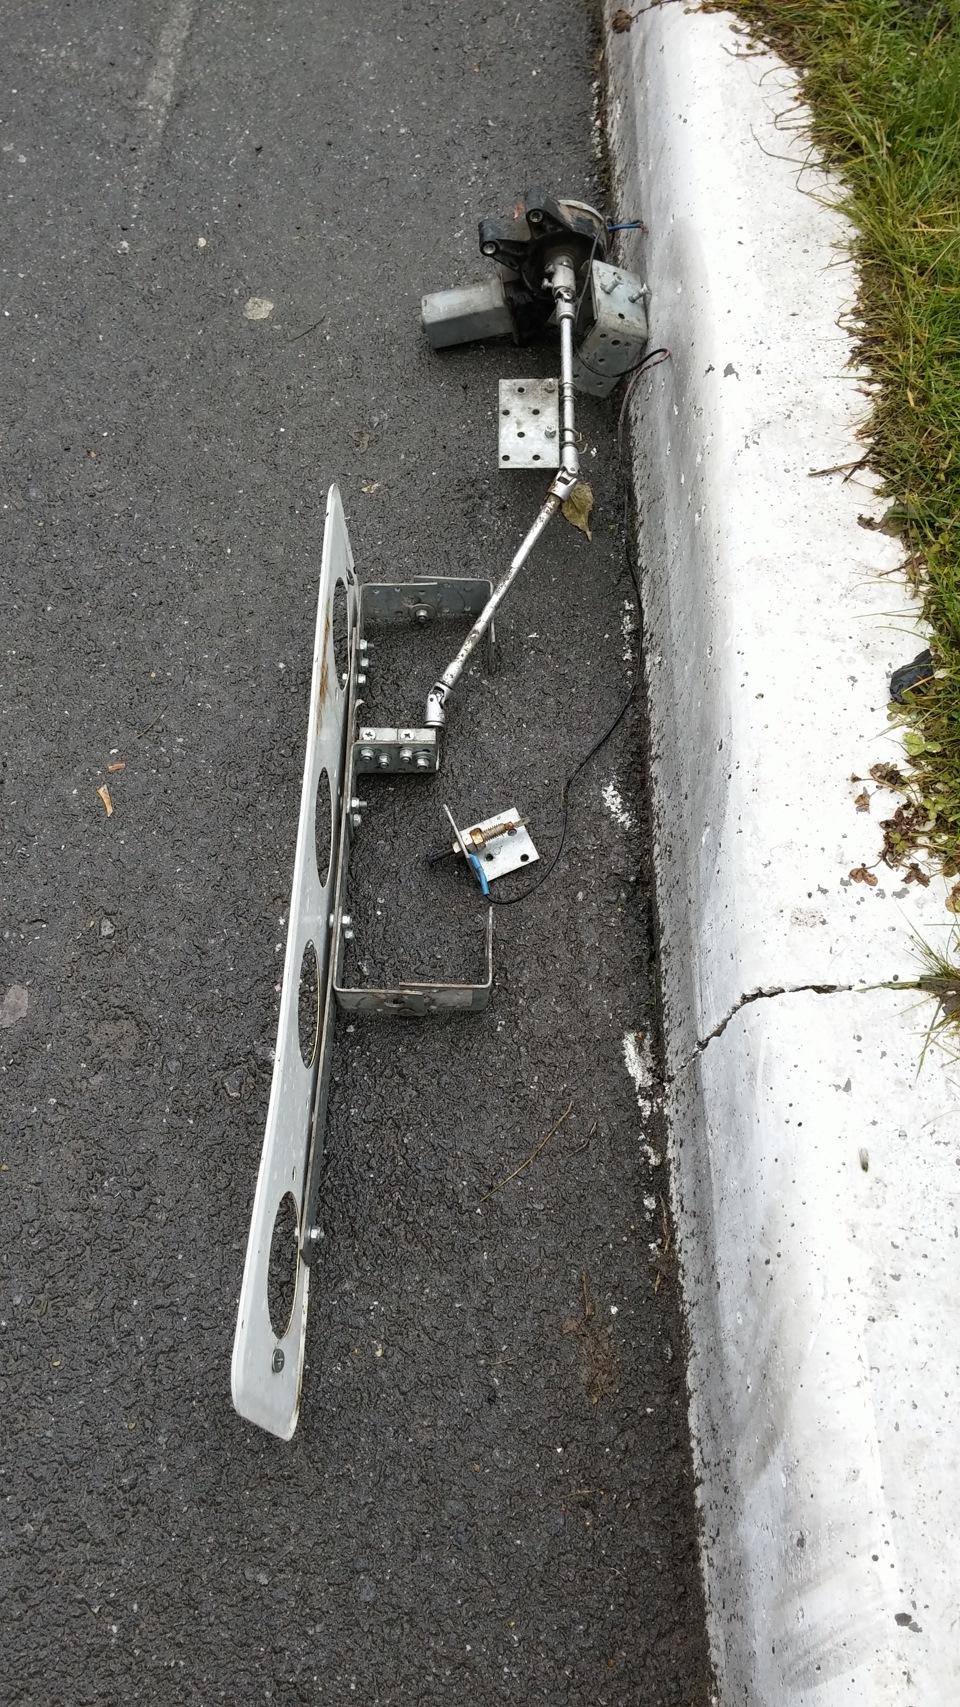 схема расположения камер фотовидеофиксации минск